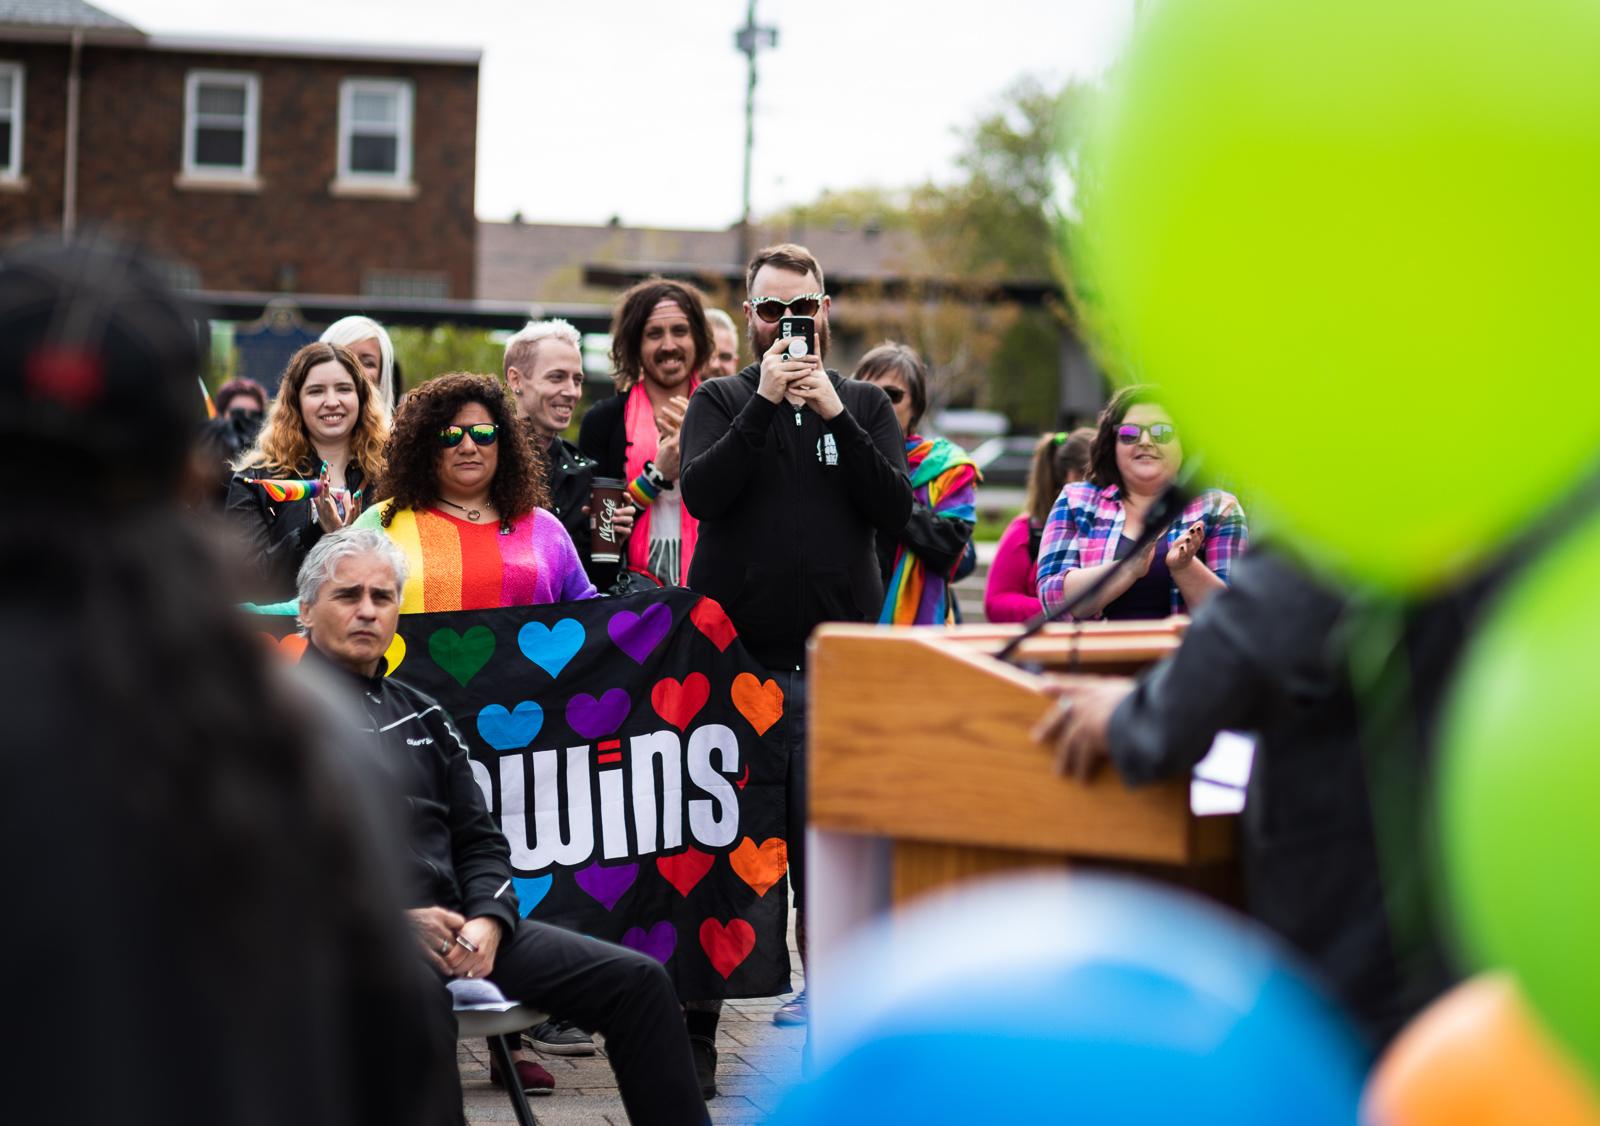 pride-2019-opening-ceremonies-blog-43.jpg